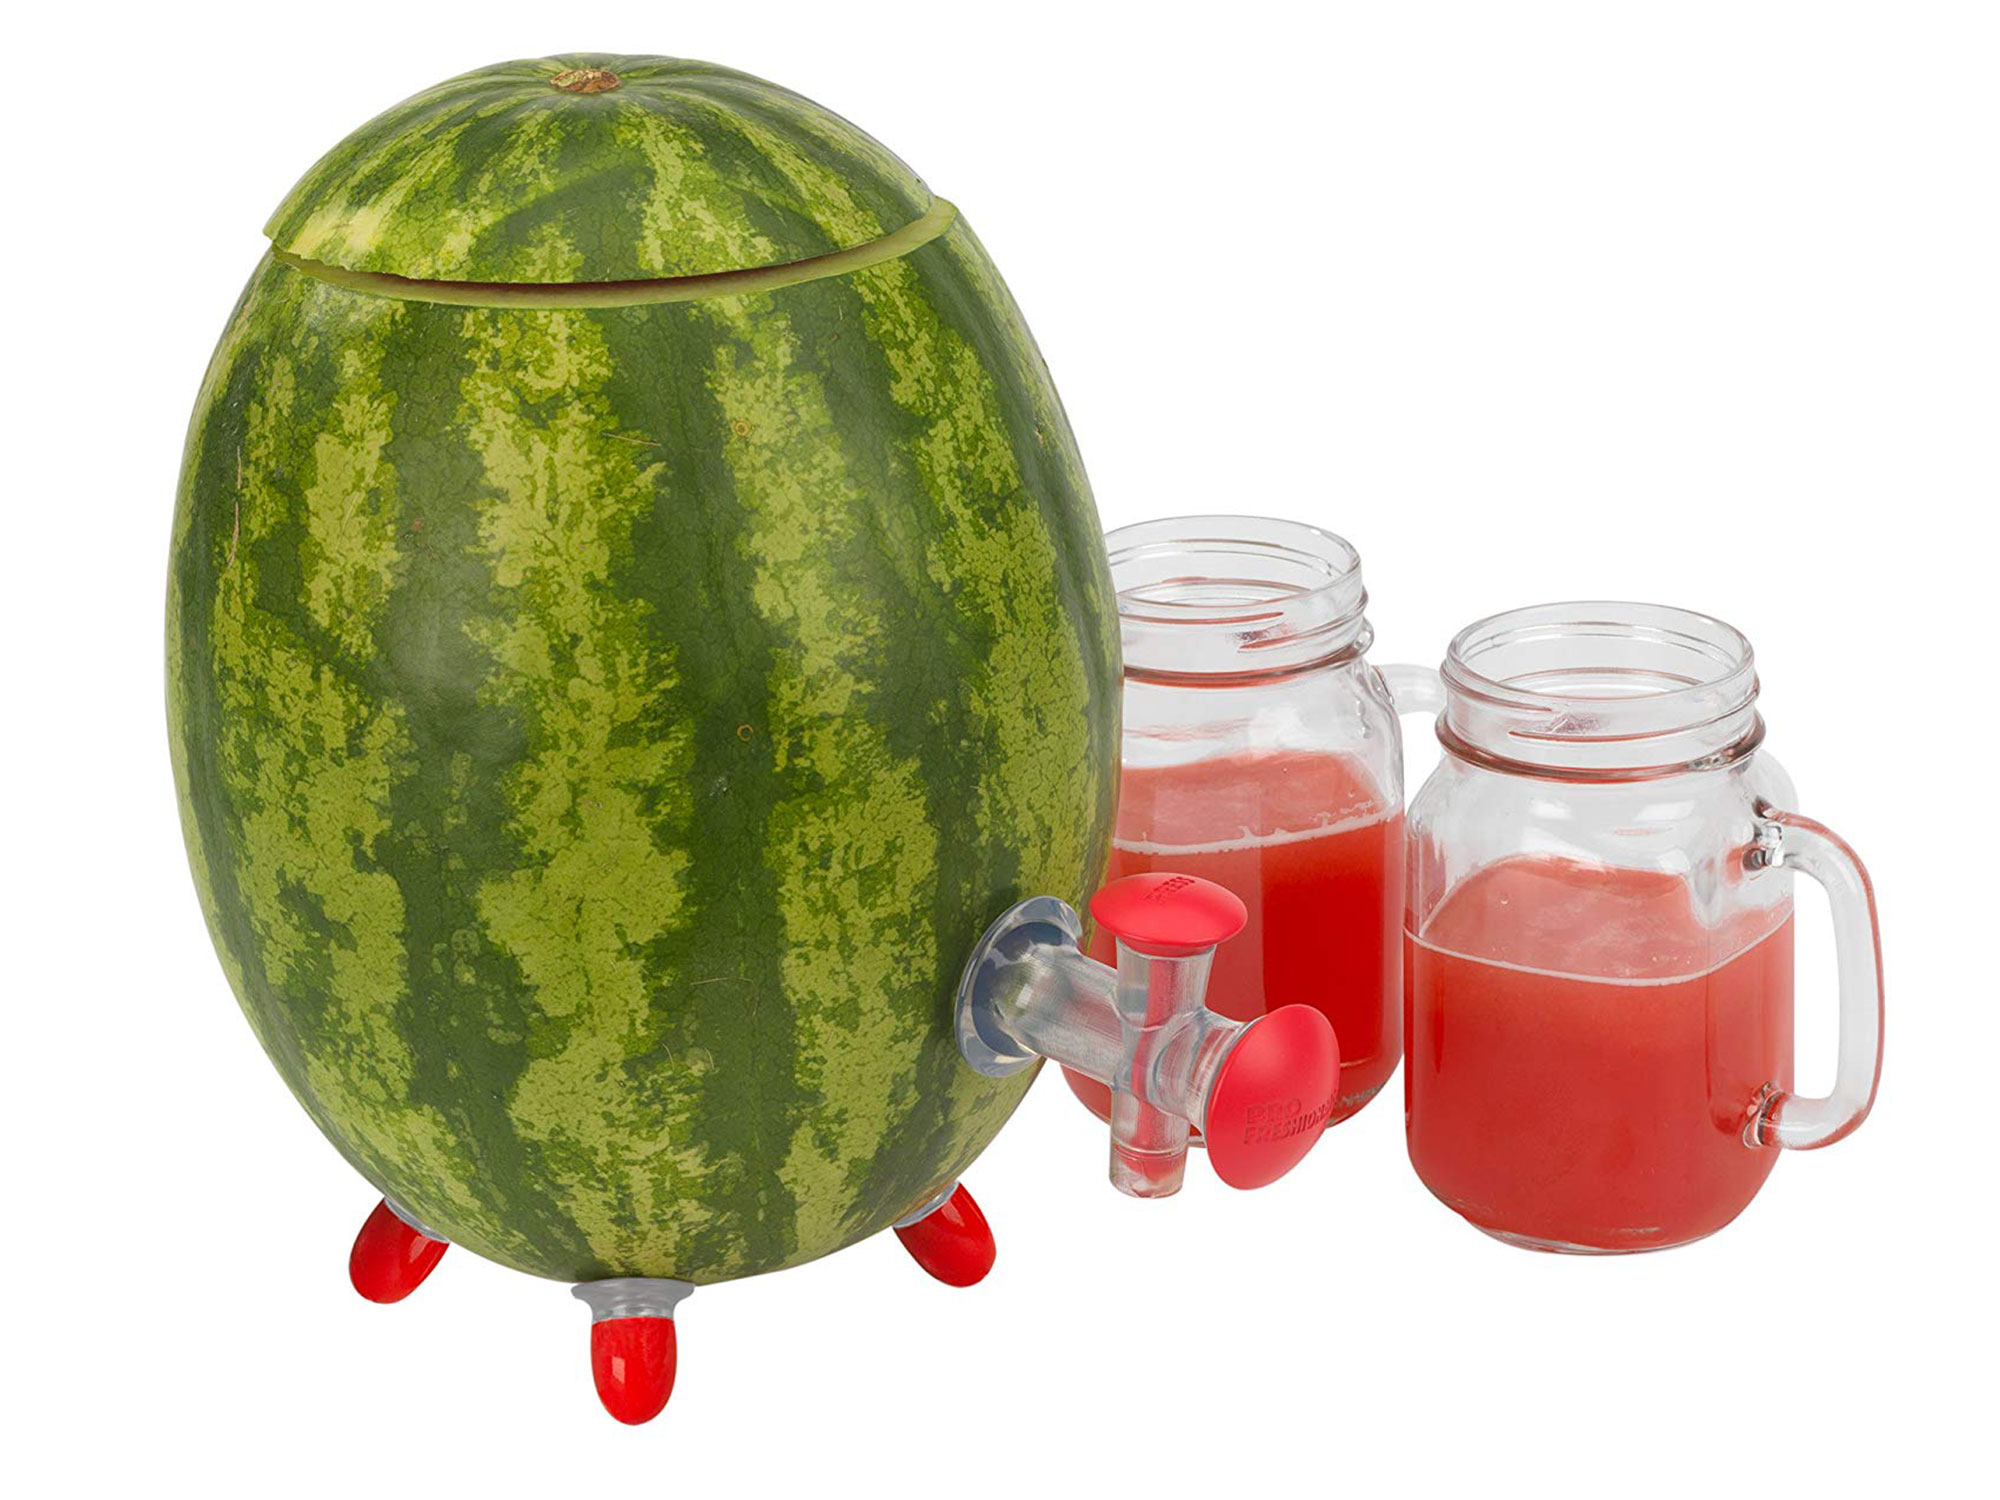 watermelon-keg.jpg